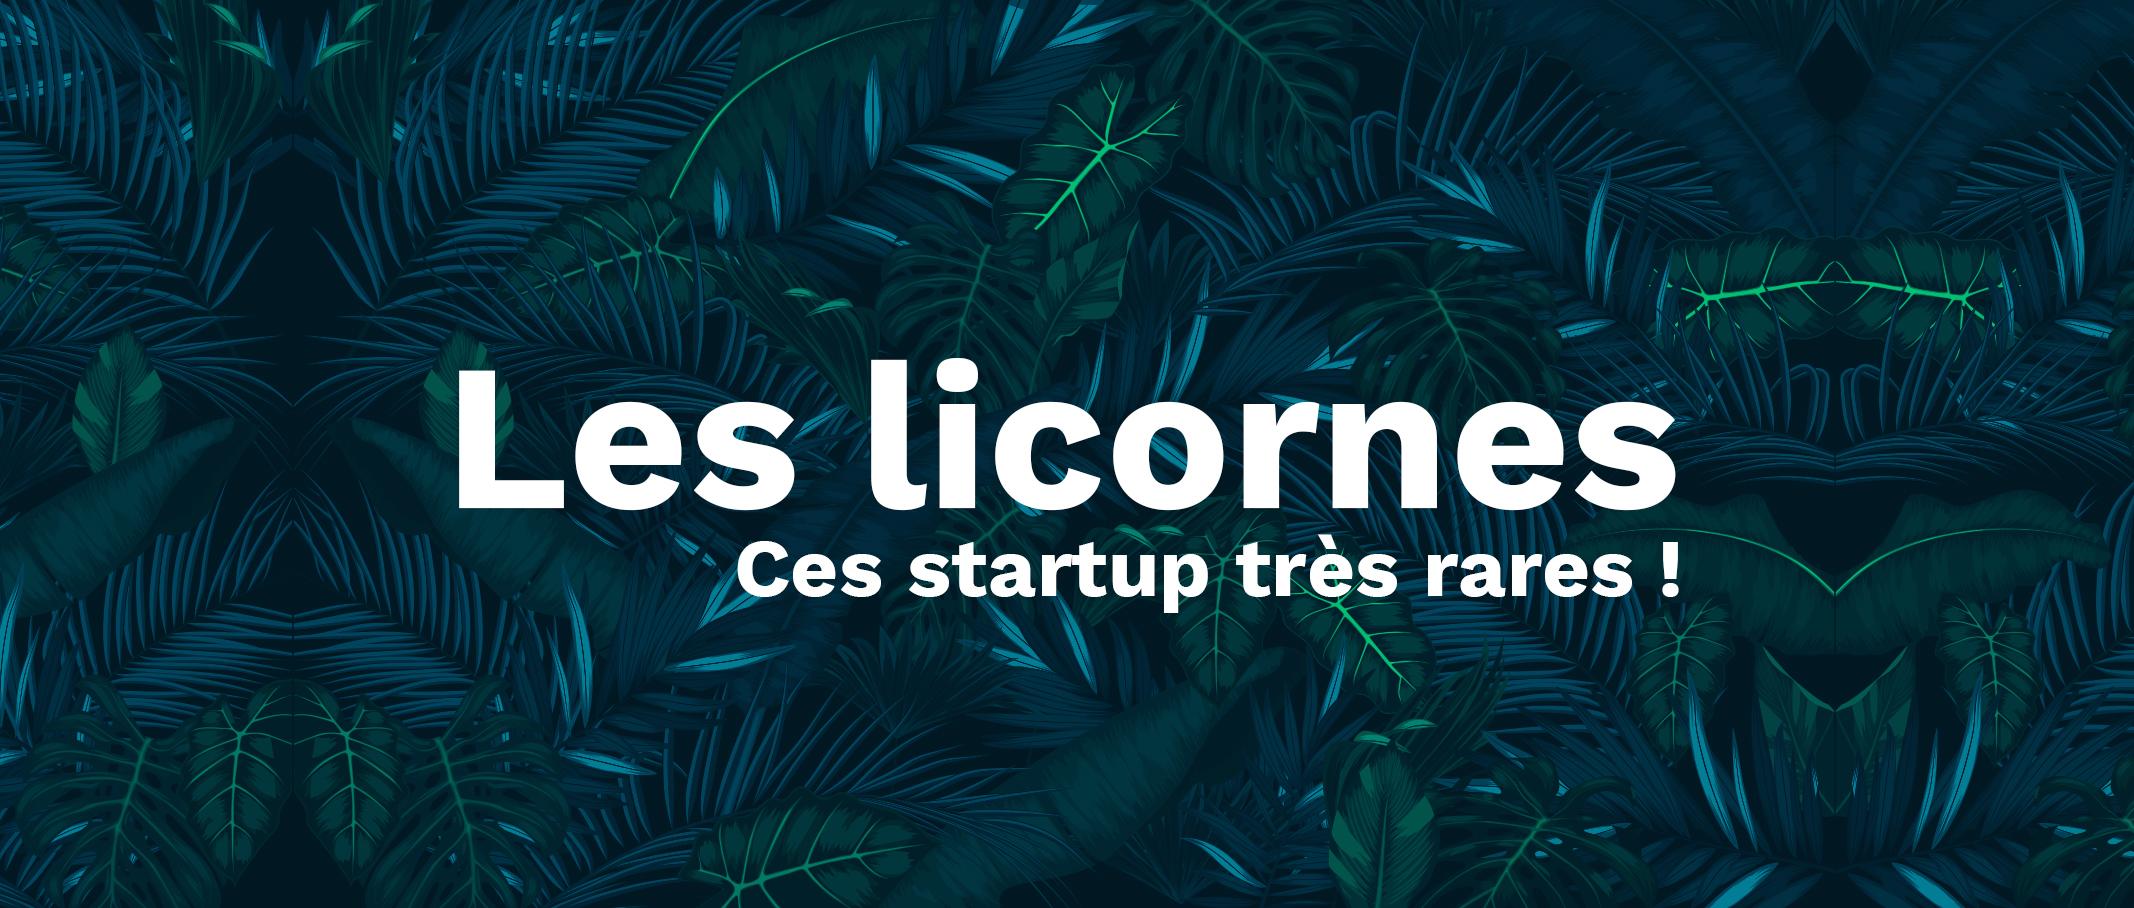 Les licornes - Ces startup très rares